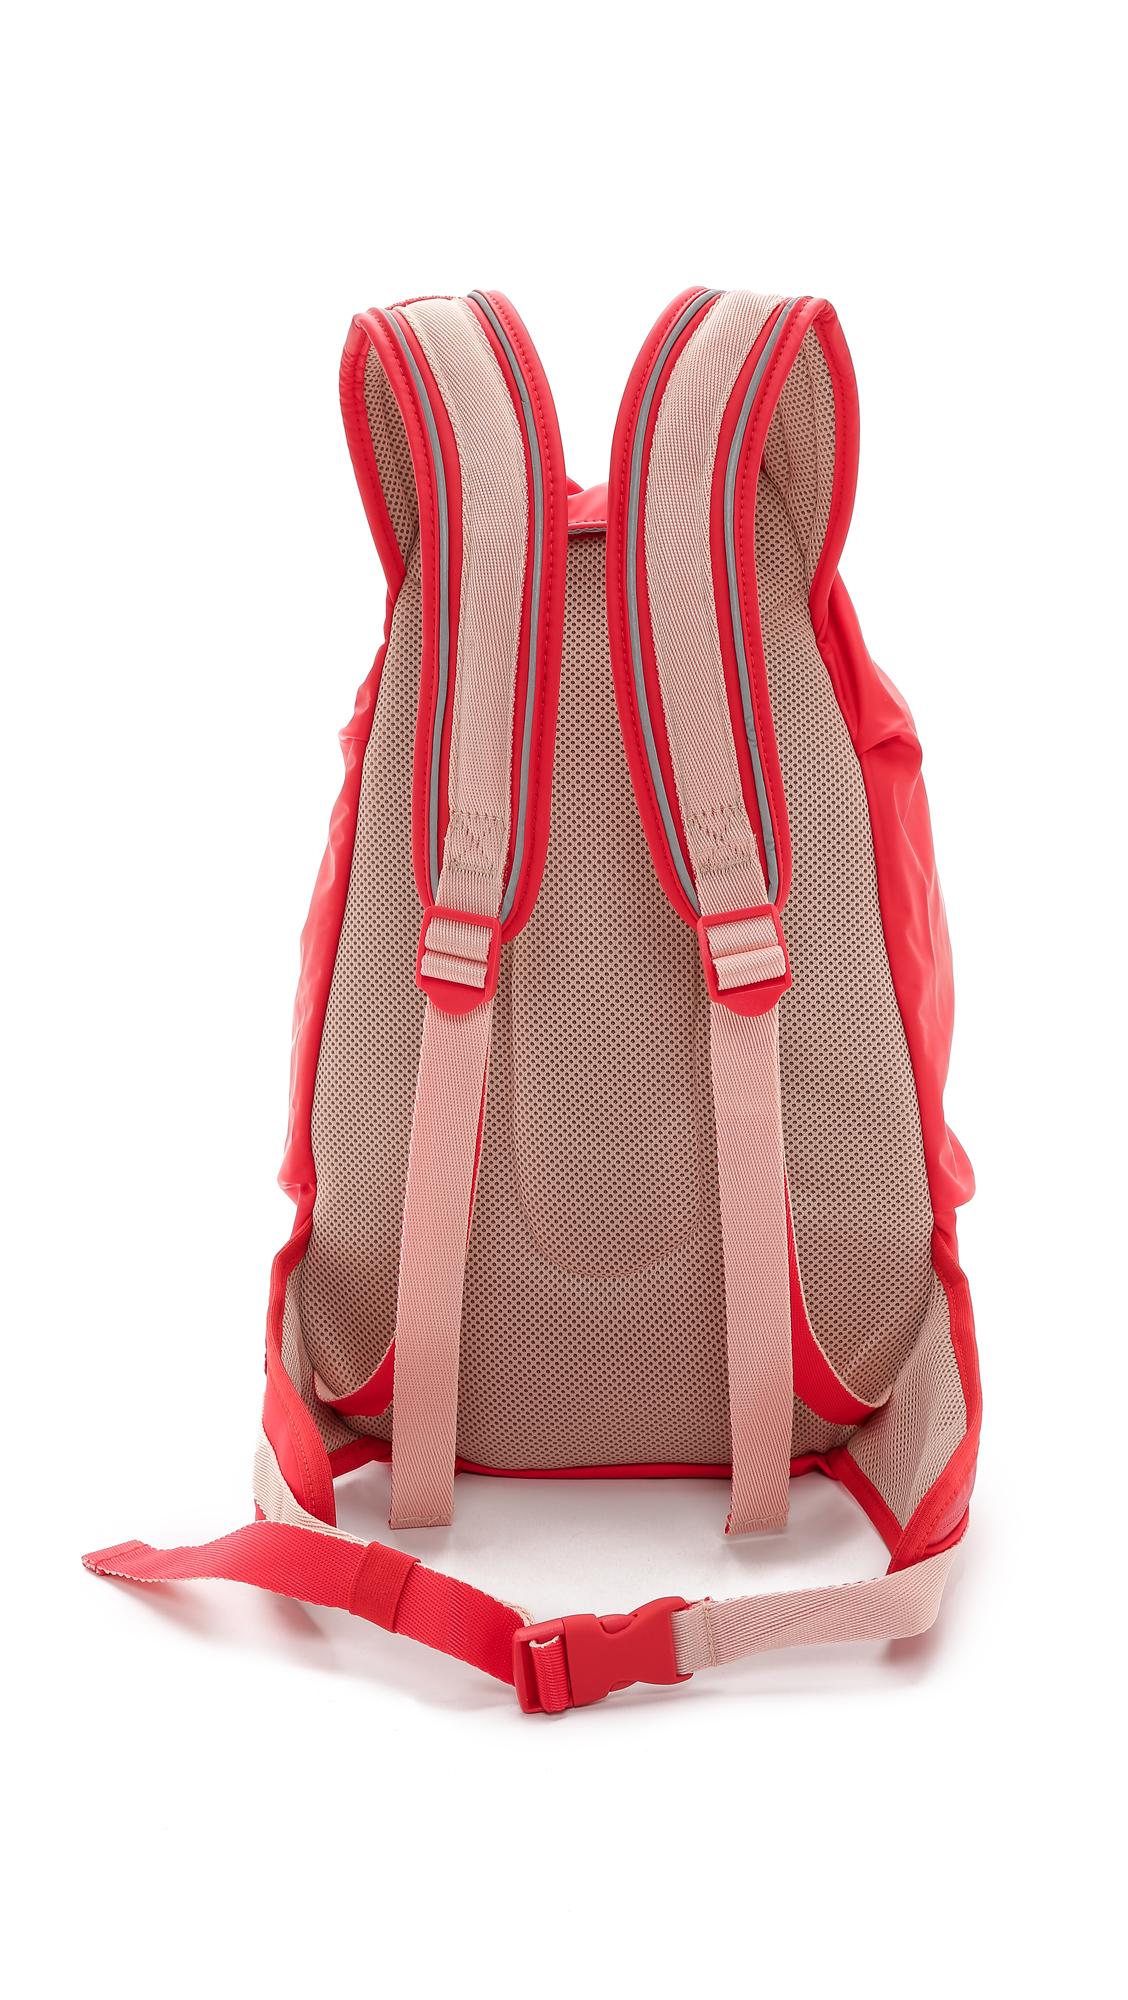 Lyst - adidas By Stella McCartney Running Cycling Backpack - Scarlet ... 4db1a5efbdc3d